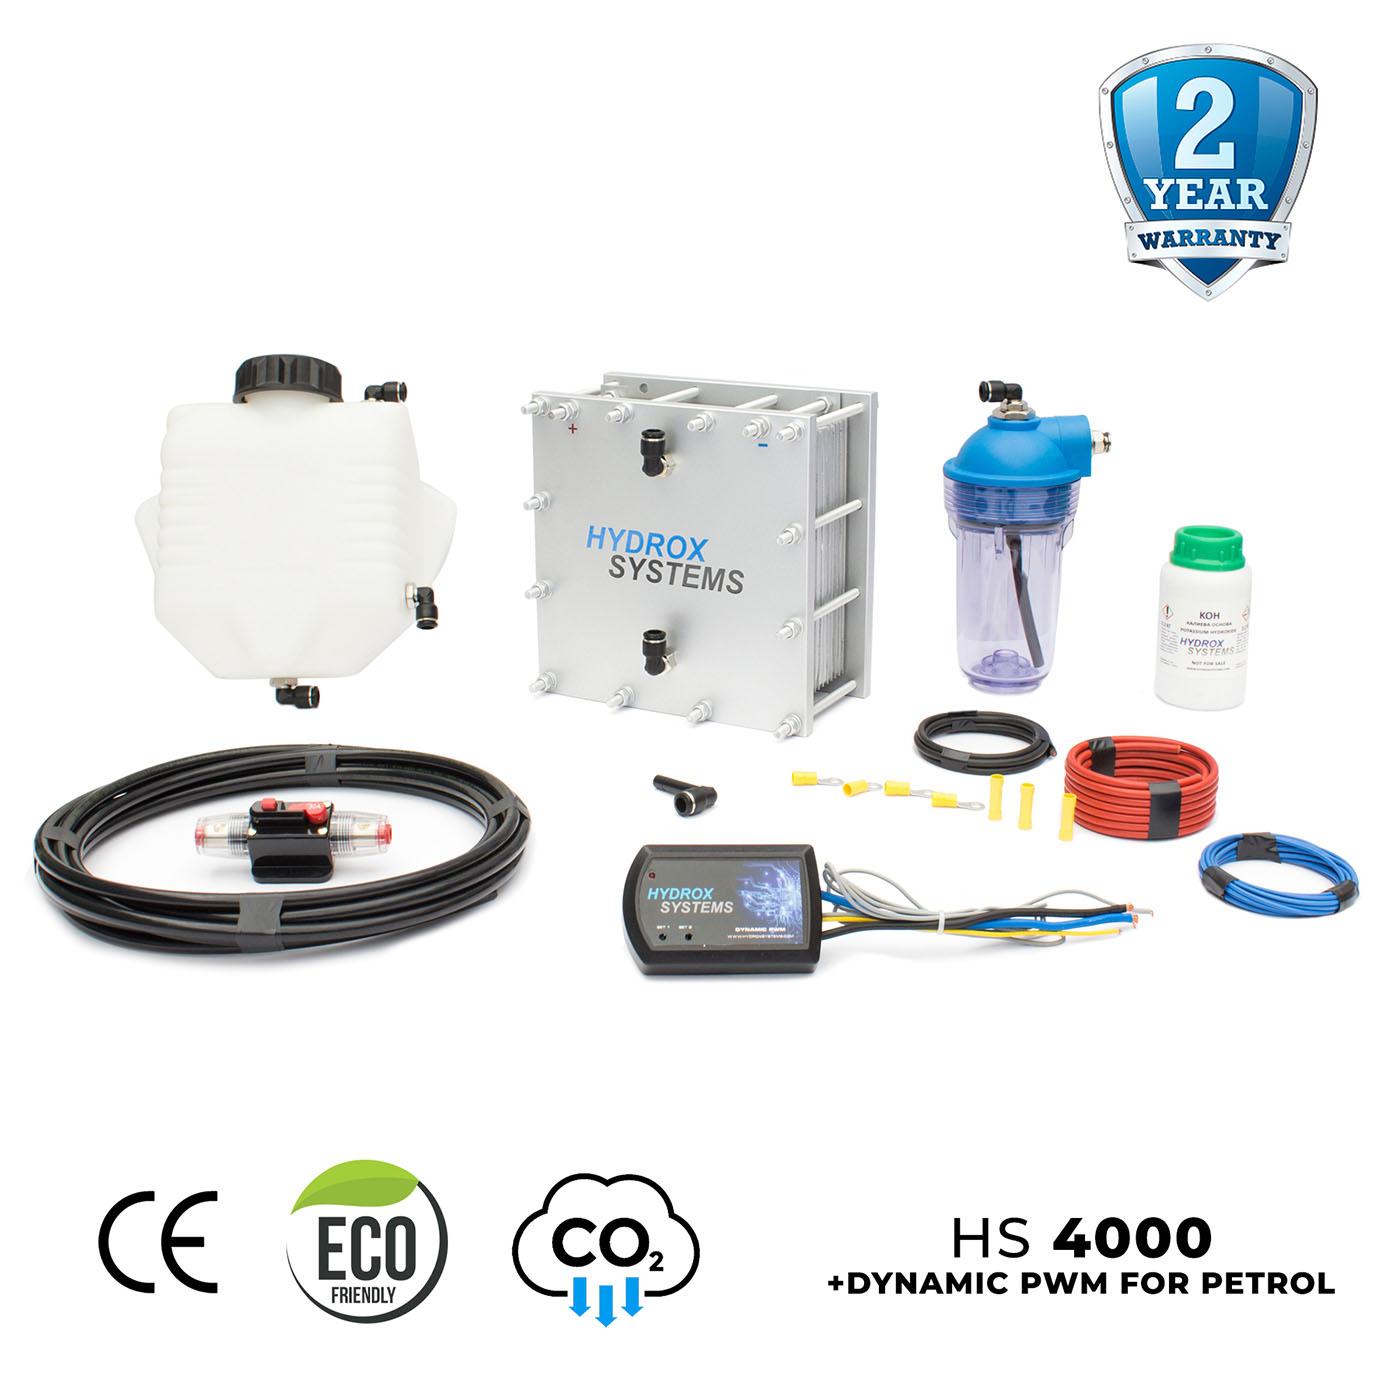 Hydrogen System with Dynamic PWM for Petrol